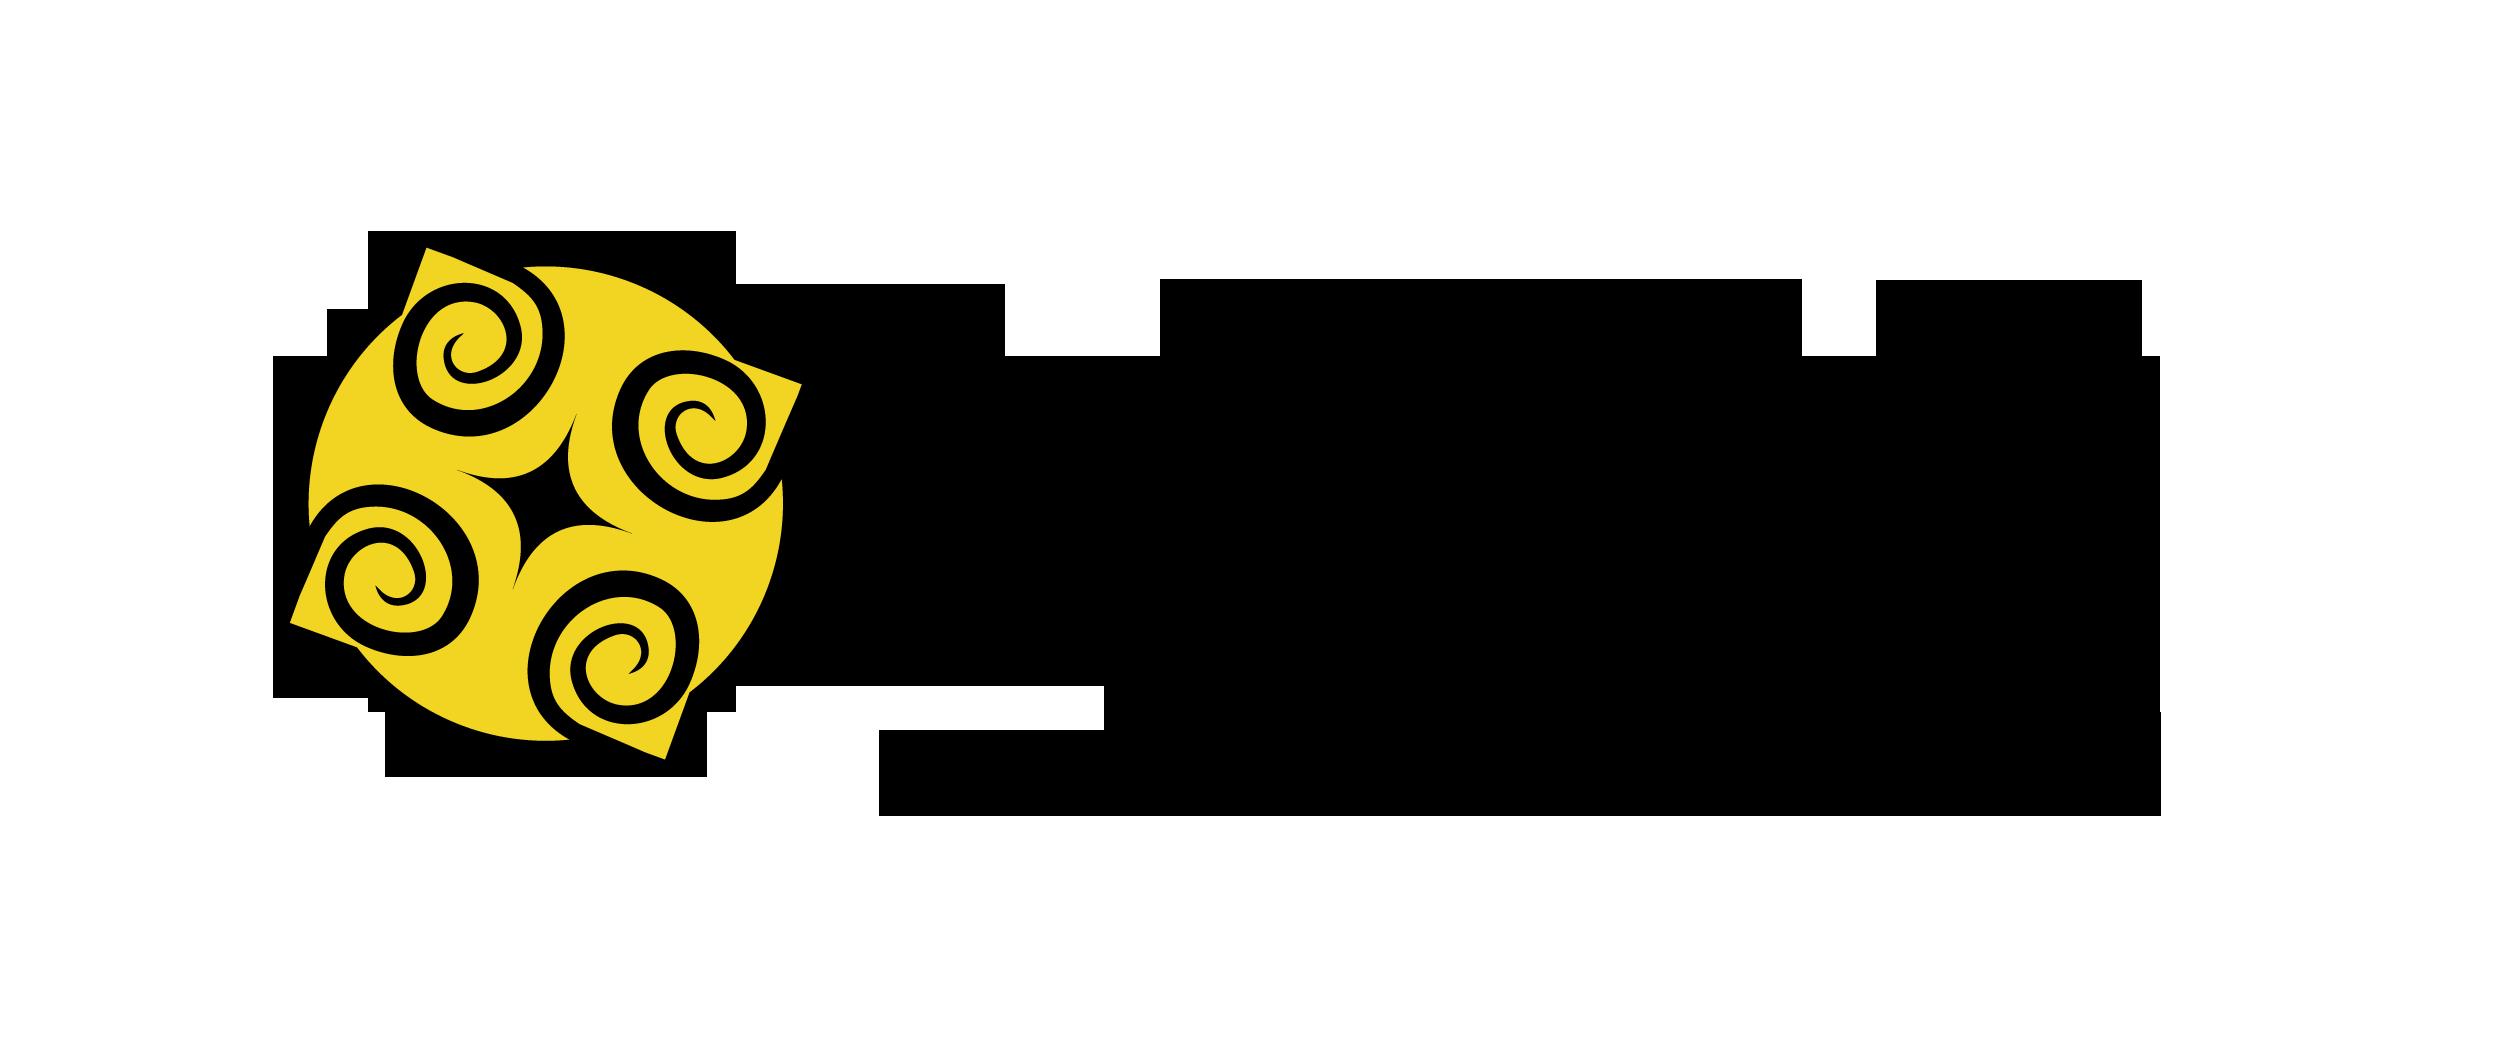 Logotipo do cabeçalho da Locus: Revista de História